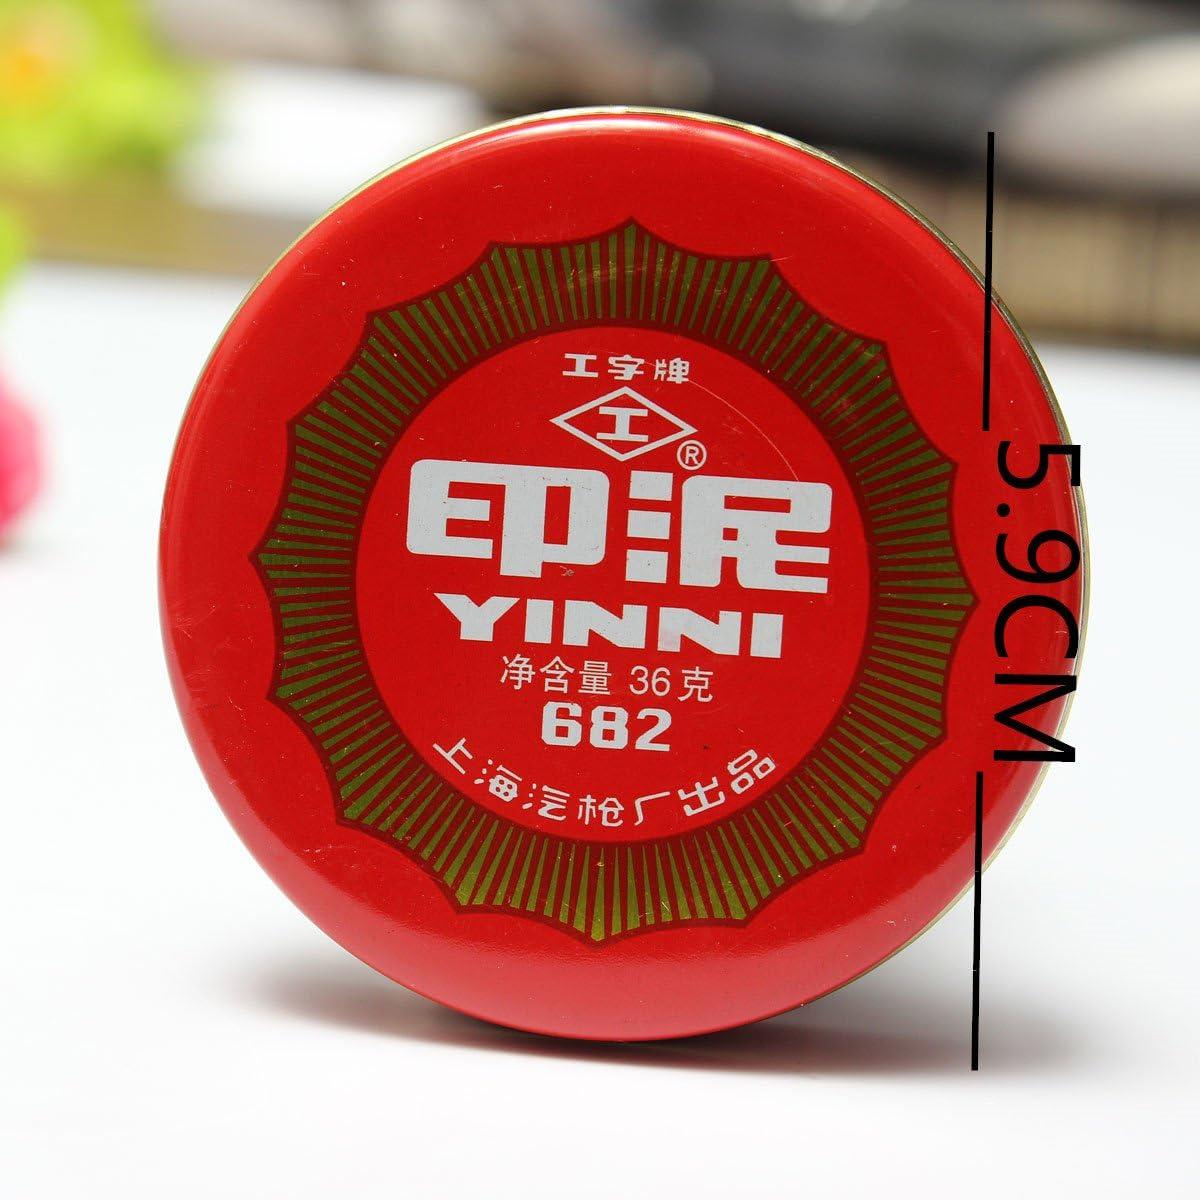 SGPL Calligrafia pittura inchiostro rosso pasta rotonda cinese Yinni Pad nuovo 36 g